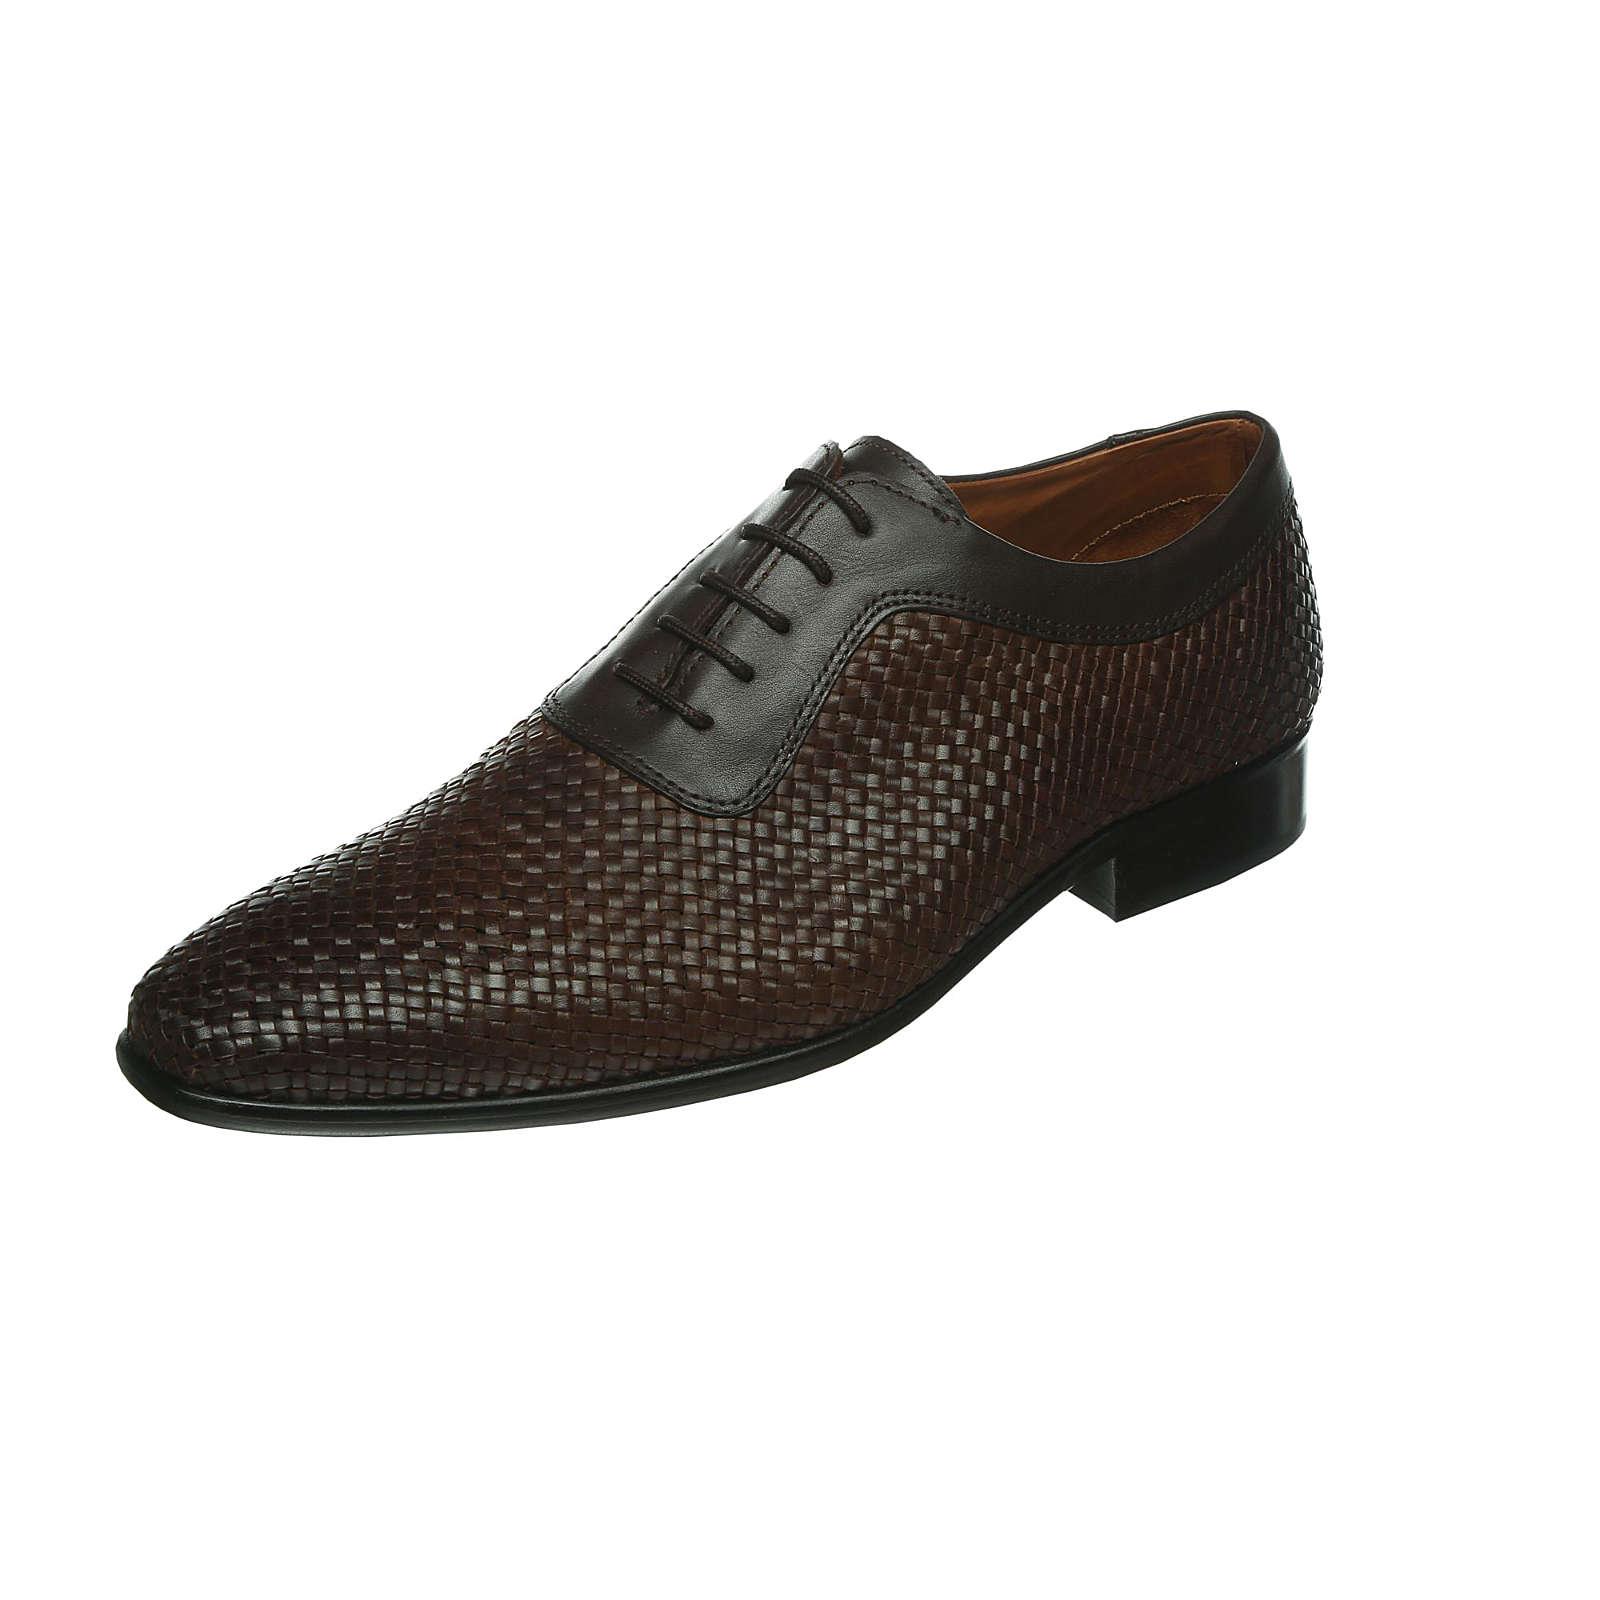 Artikel klicken und genauer betrachten! - Modischer Herren-Flecht-Schnürhalbschuh aus Kalbleder mit Lederfutter. Der Schuh hat eine Leder-Sohle und ist im Innenbereich angenehm gepolstert. (Weite G) Verschluss: Schnürverschluss Schuhweite: G Schuhspitze : Spitz Obermaterial : Kalbsleder Futter : Leder Decksohle : Herausnehmbare Ledersohle Laufsohle : Leder | im Online Shop kaufen